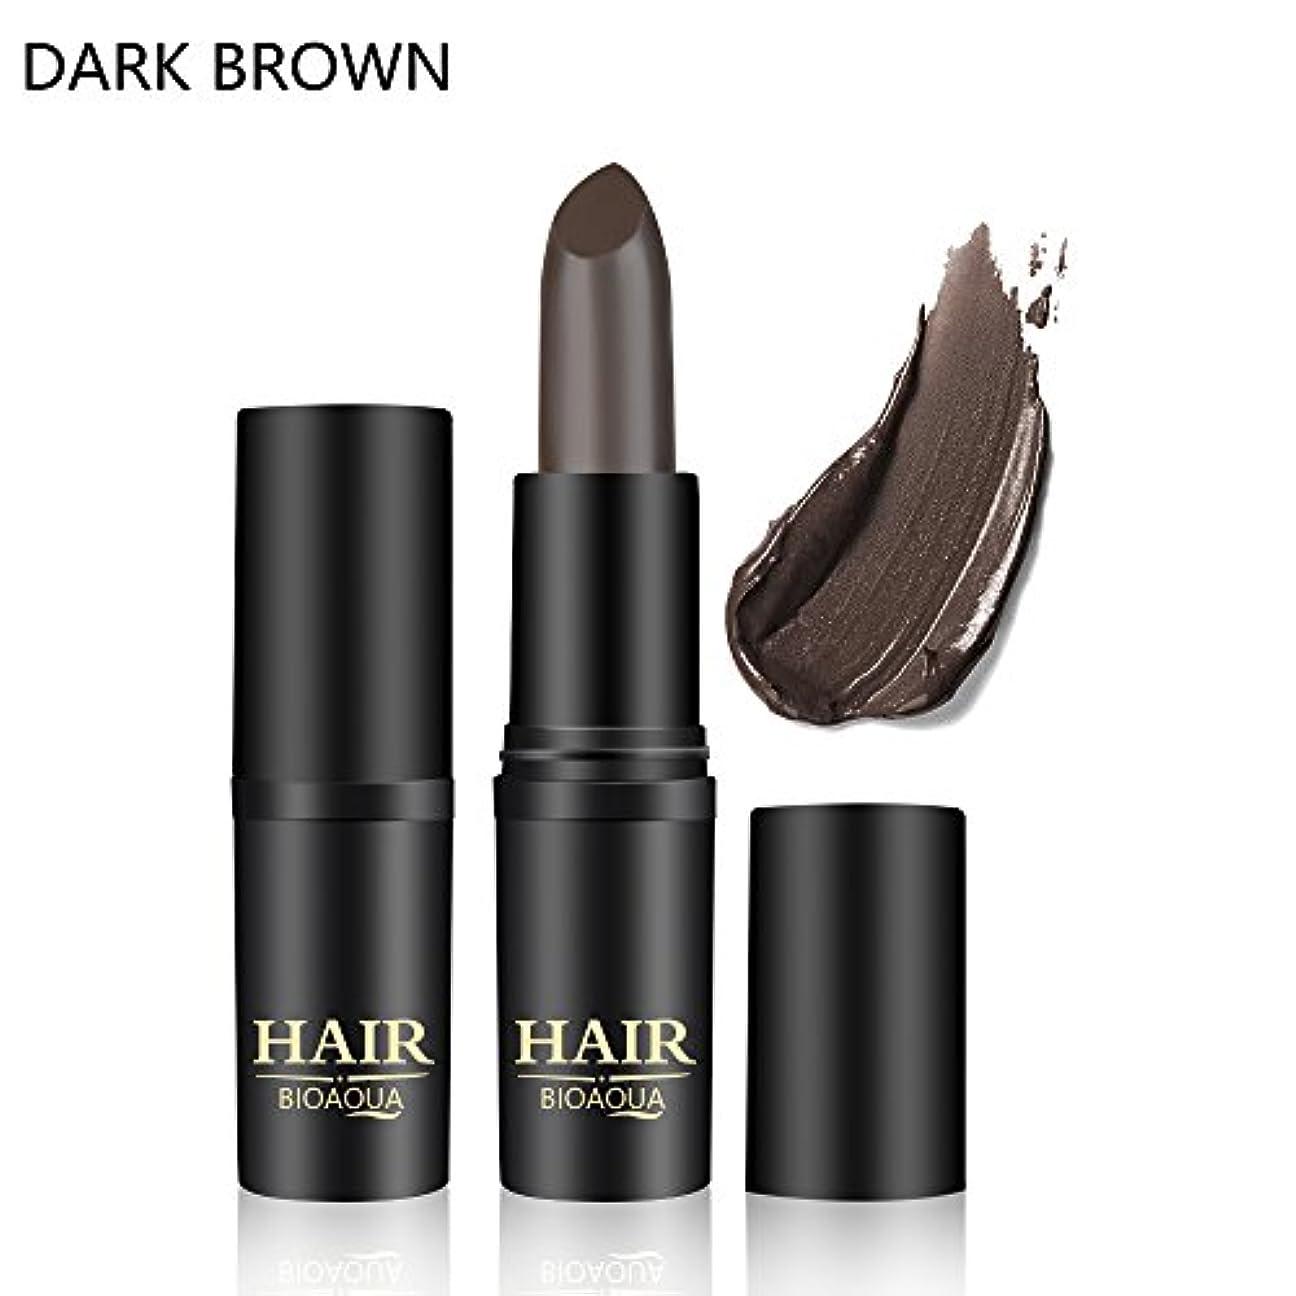 化粧起業家タウポ湖[BROWN] 1PC Temporary Hair Dye Cream Mild Fast One-off Hair Color Stick Pen Cover White Hair DIY Styling Makeup...